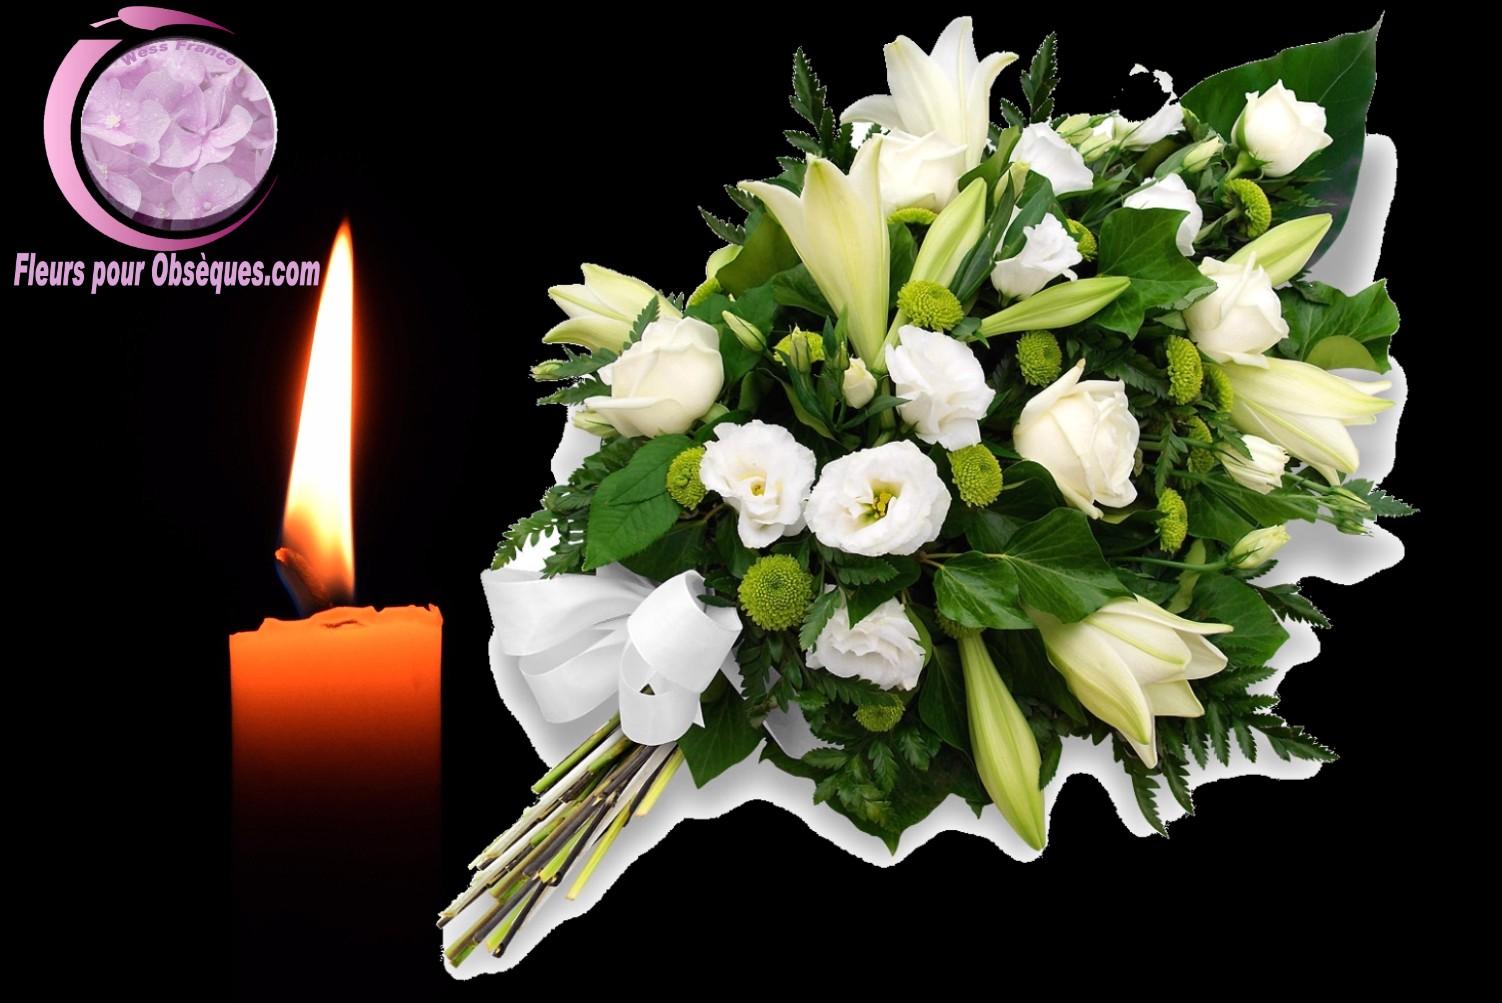 Paris 3 Florists Funeral Flowers Sympathy Flowers